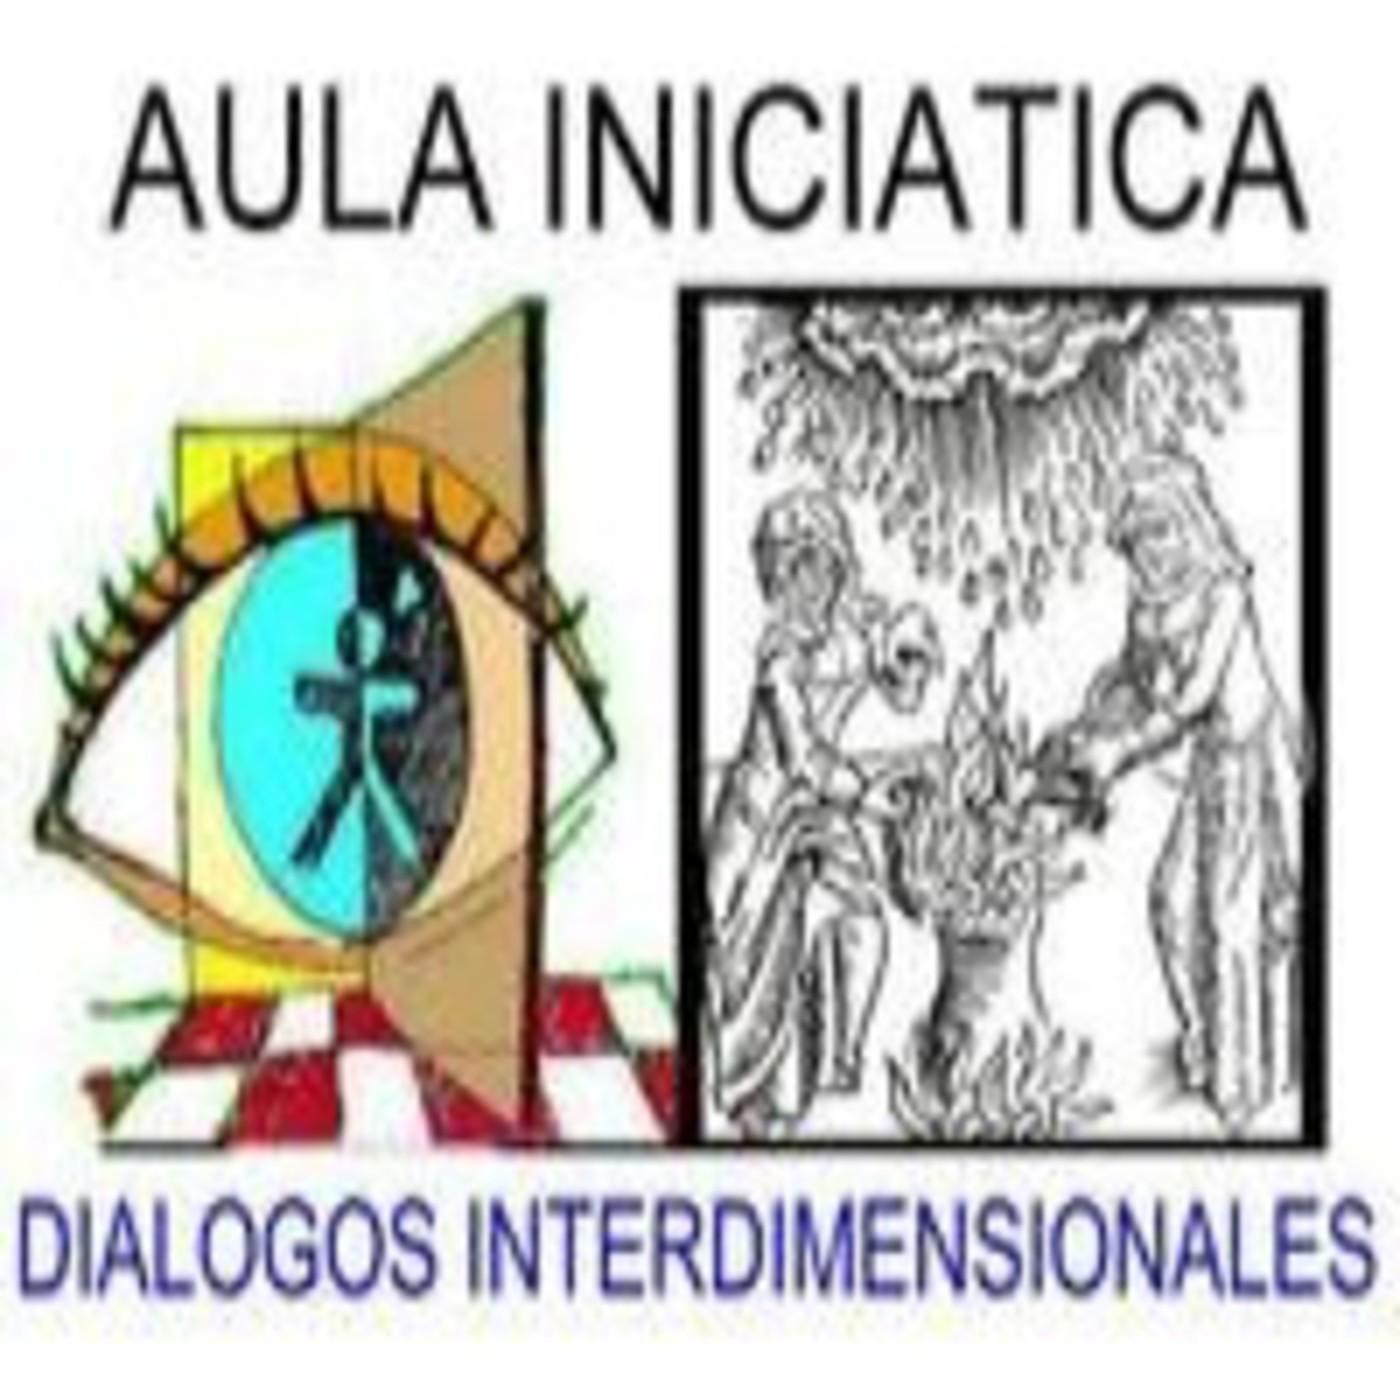 CURANDERAS, HECHICERAS Y BRUJAS - MUJERES BENEFICAS y MUJERES MALDITAS.  Diálogos Interdimensional- Bruja Sanadora s. IX en Podcast Aula Iniciatica  en ...